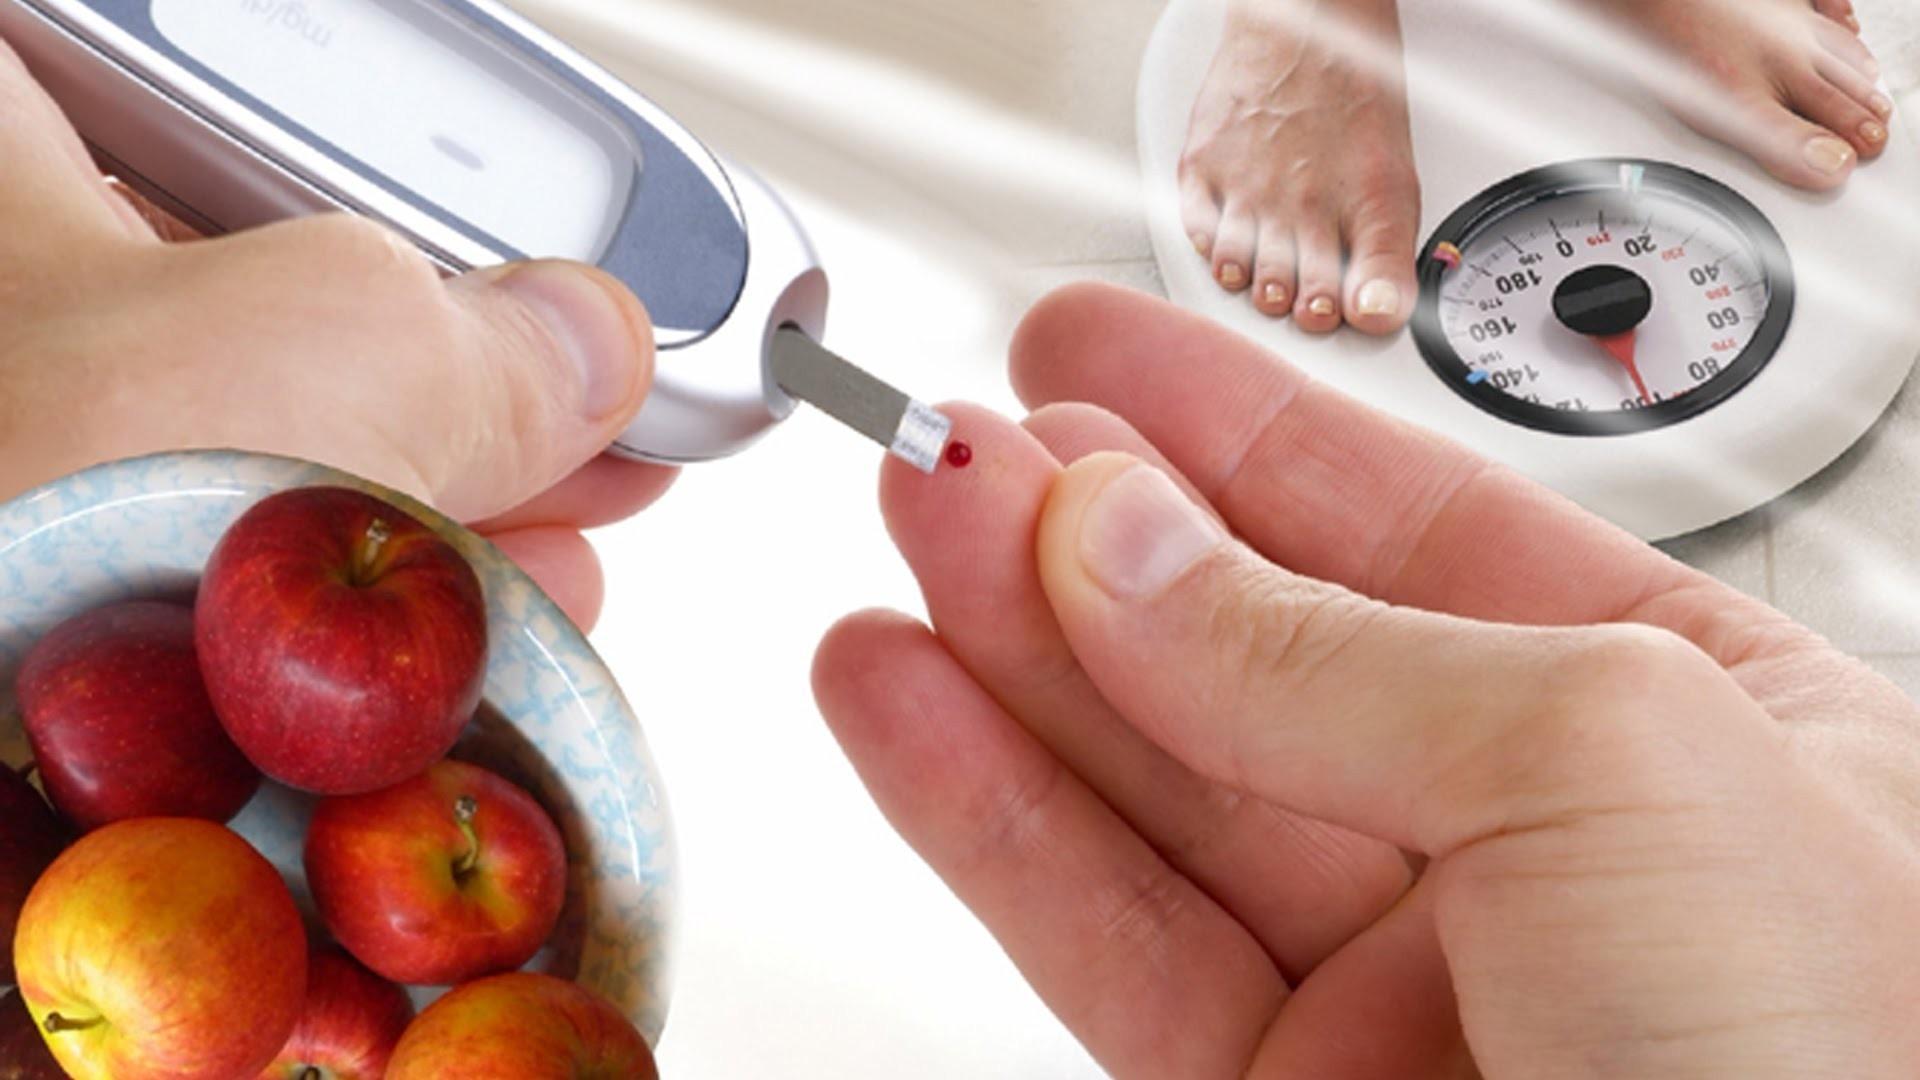 Ученые узнали, сколько лет жизни отнимает диабет